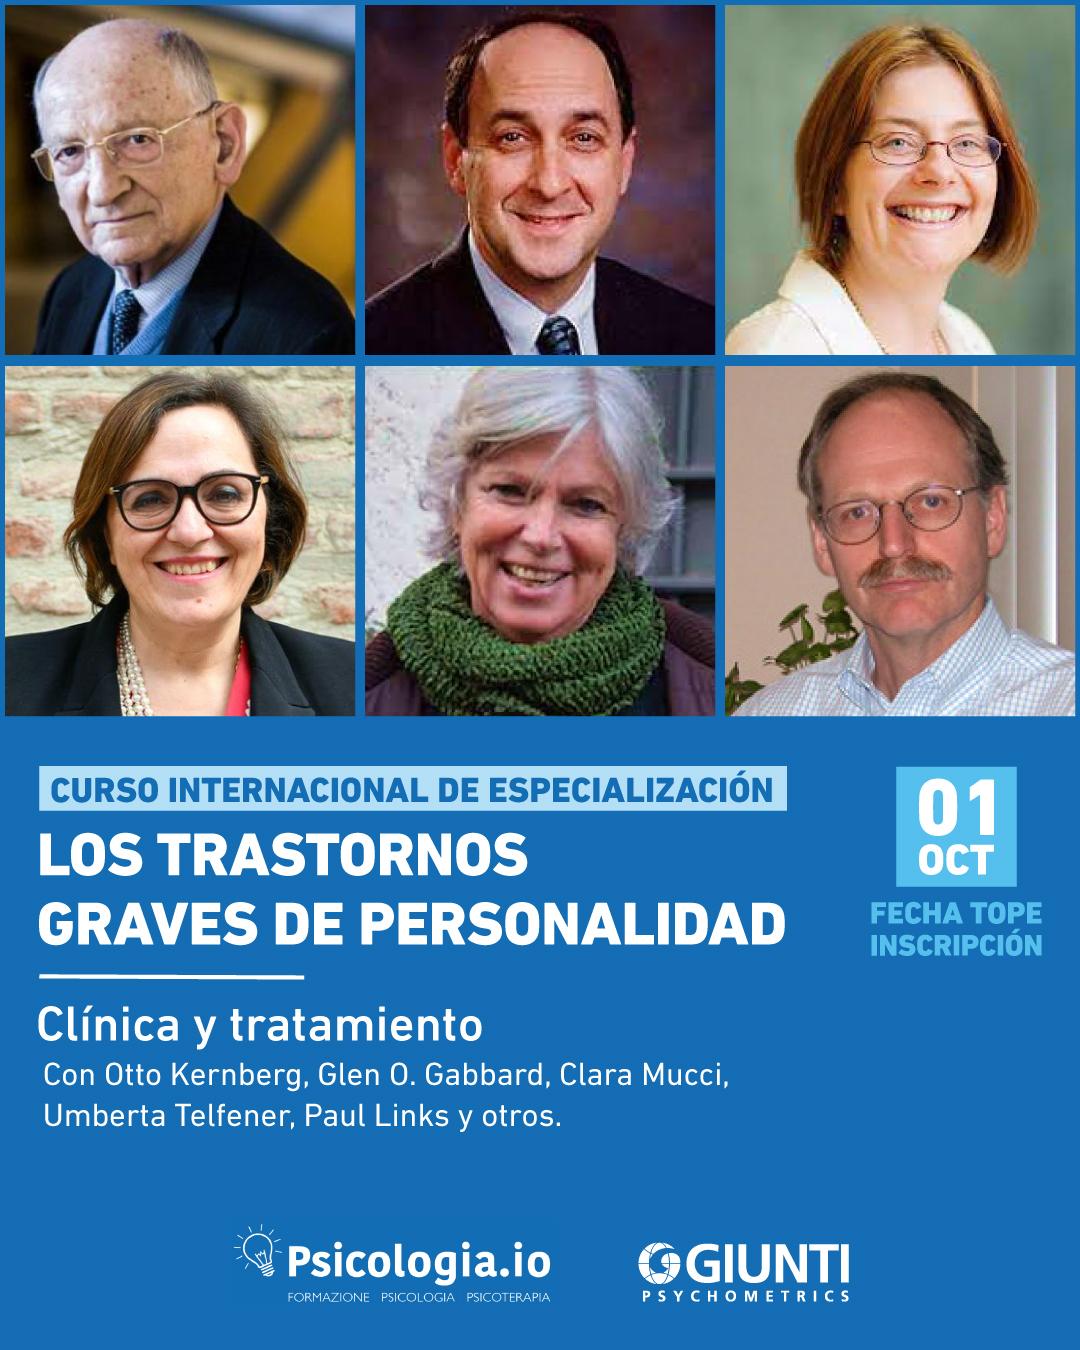 Curso Especialización: Los Trastornos Graves de Personalidad